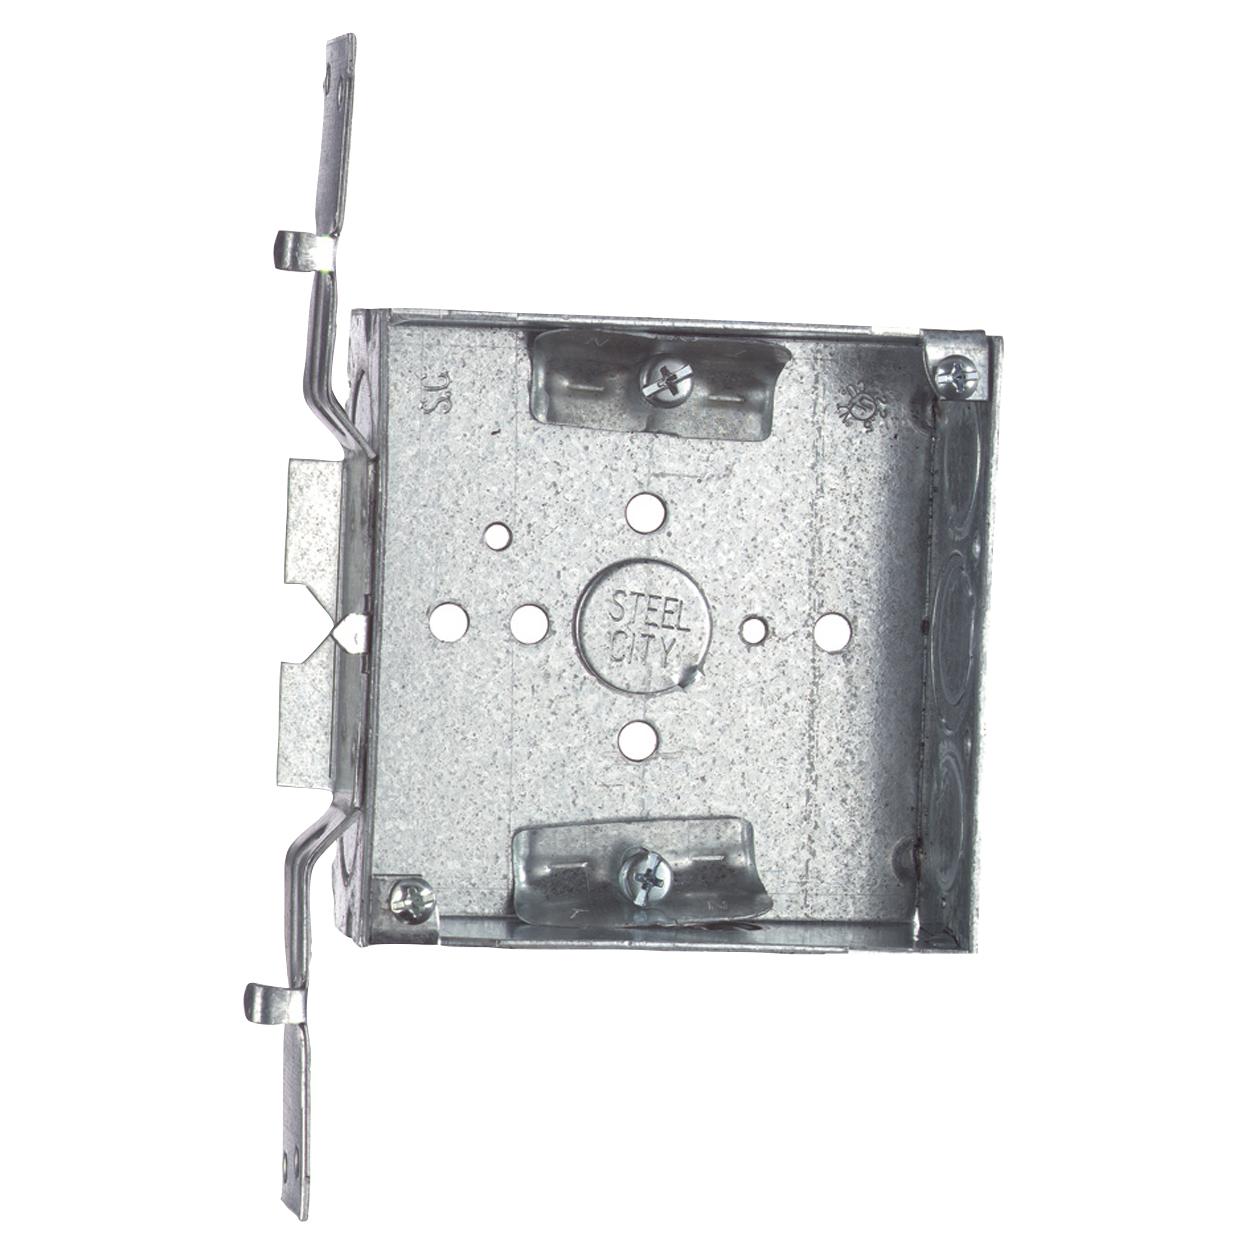 T&B 52151-VN 4 SQBX,STL,21CU,1/2&3/4E-KO SC-BRK